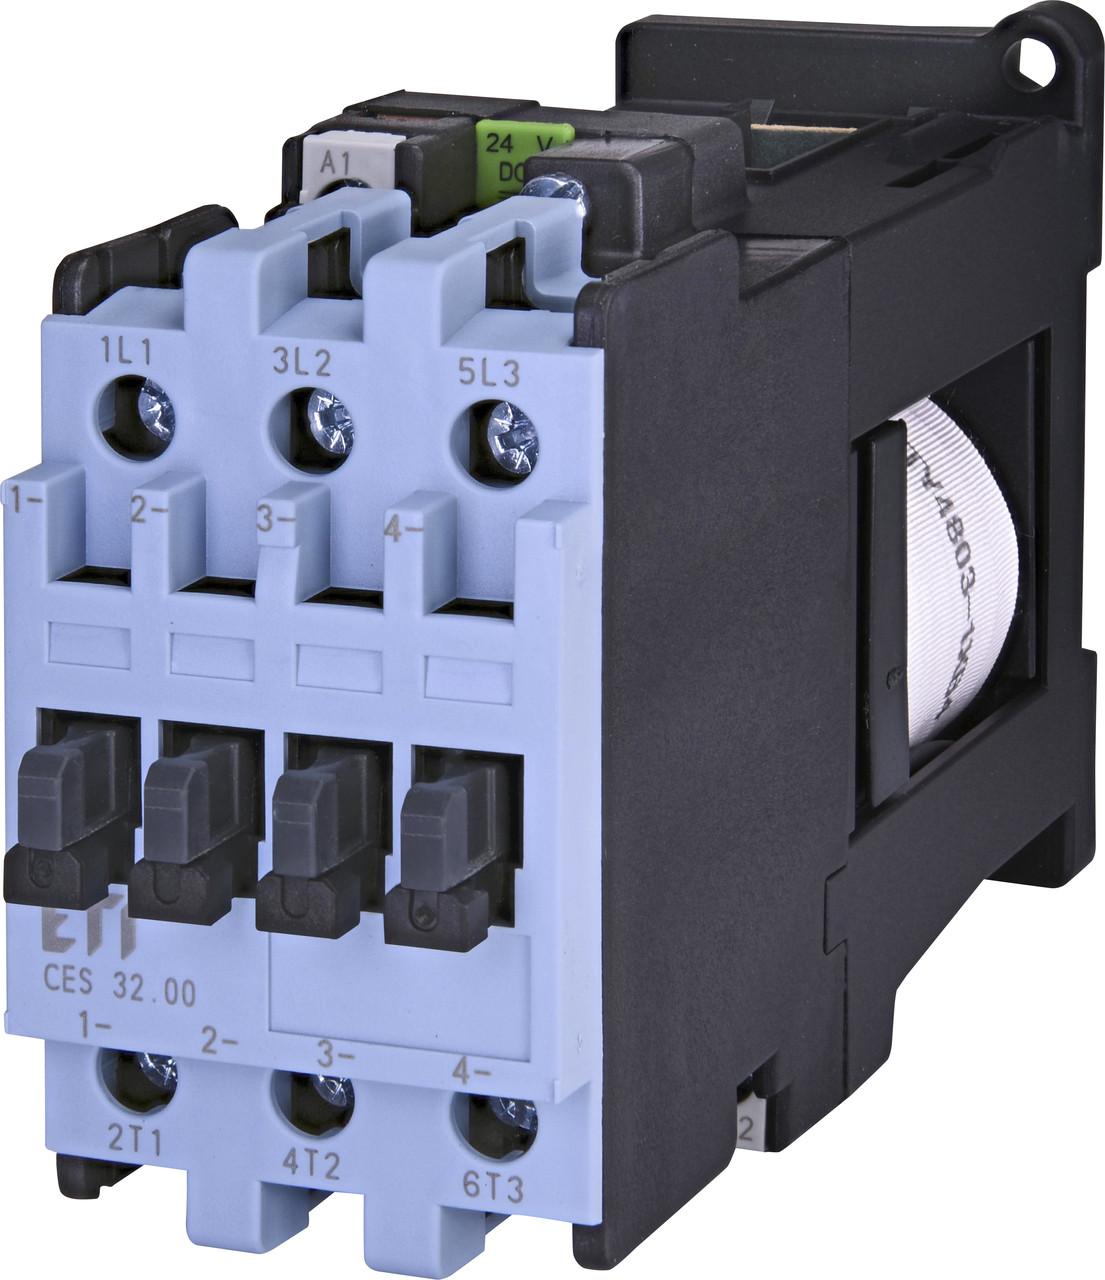 Контактор силовой ETI CES 32.00 32А 24V DC 3NO 15kW 4646551 (на DIN-рейку, 42A AC1, 32A AC3)